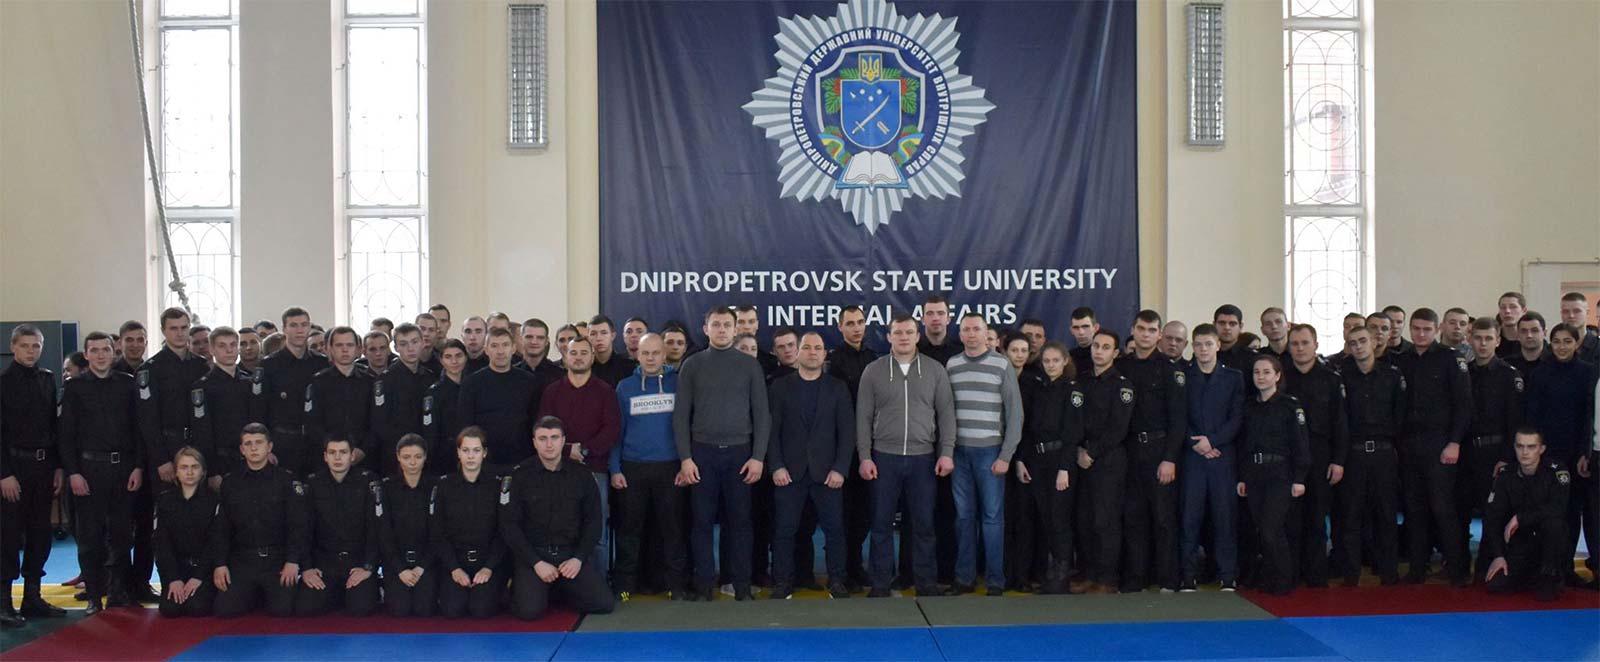 Курсанти випускного курсу продемонстрували спортивно-прикладні навички з рукопашного бою